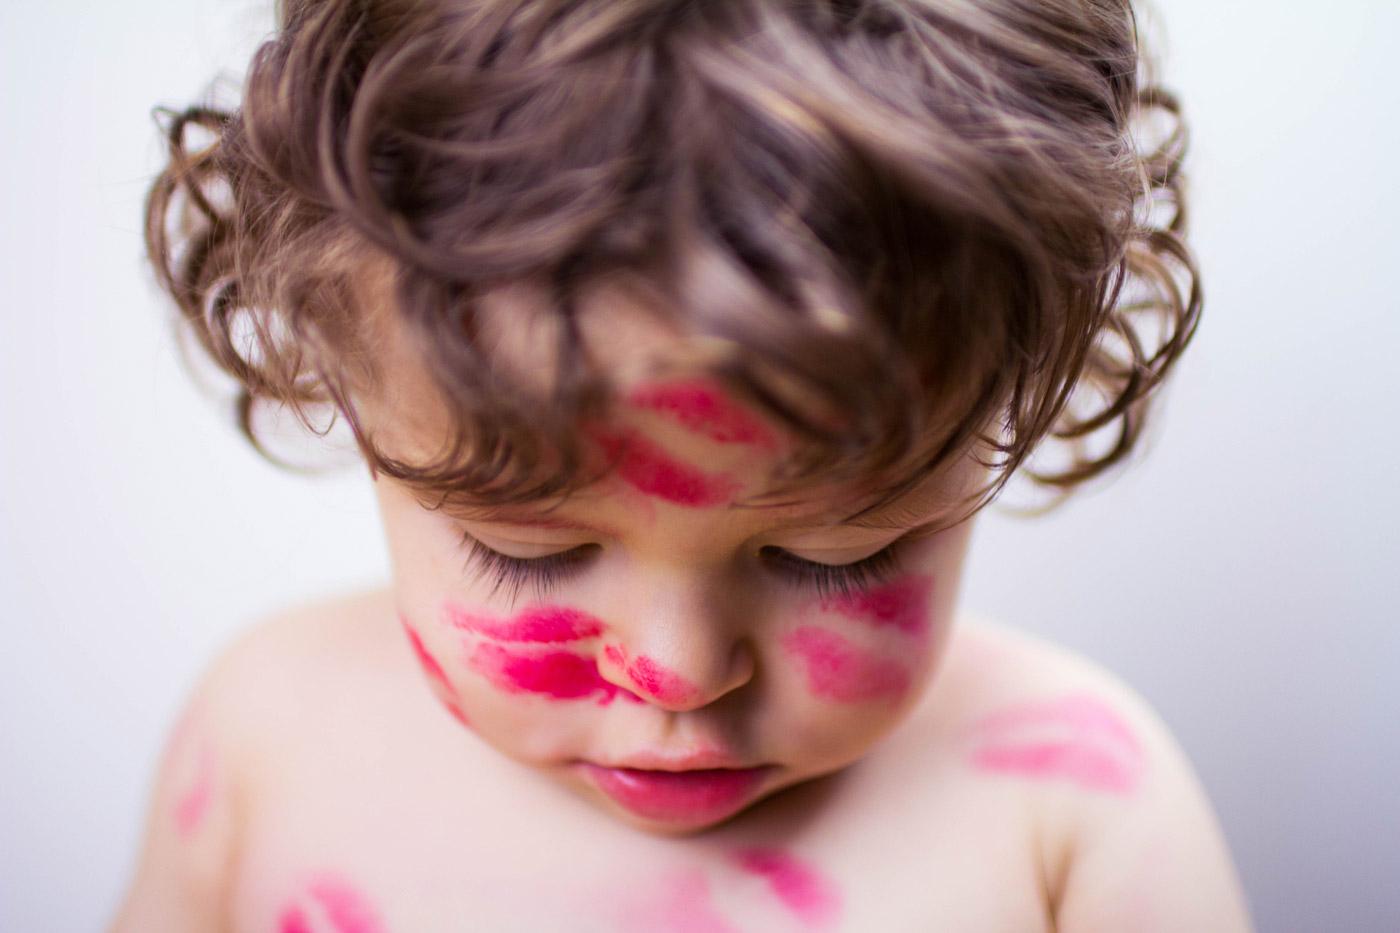 niño de dos años lleno de besos con un pintalabios